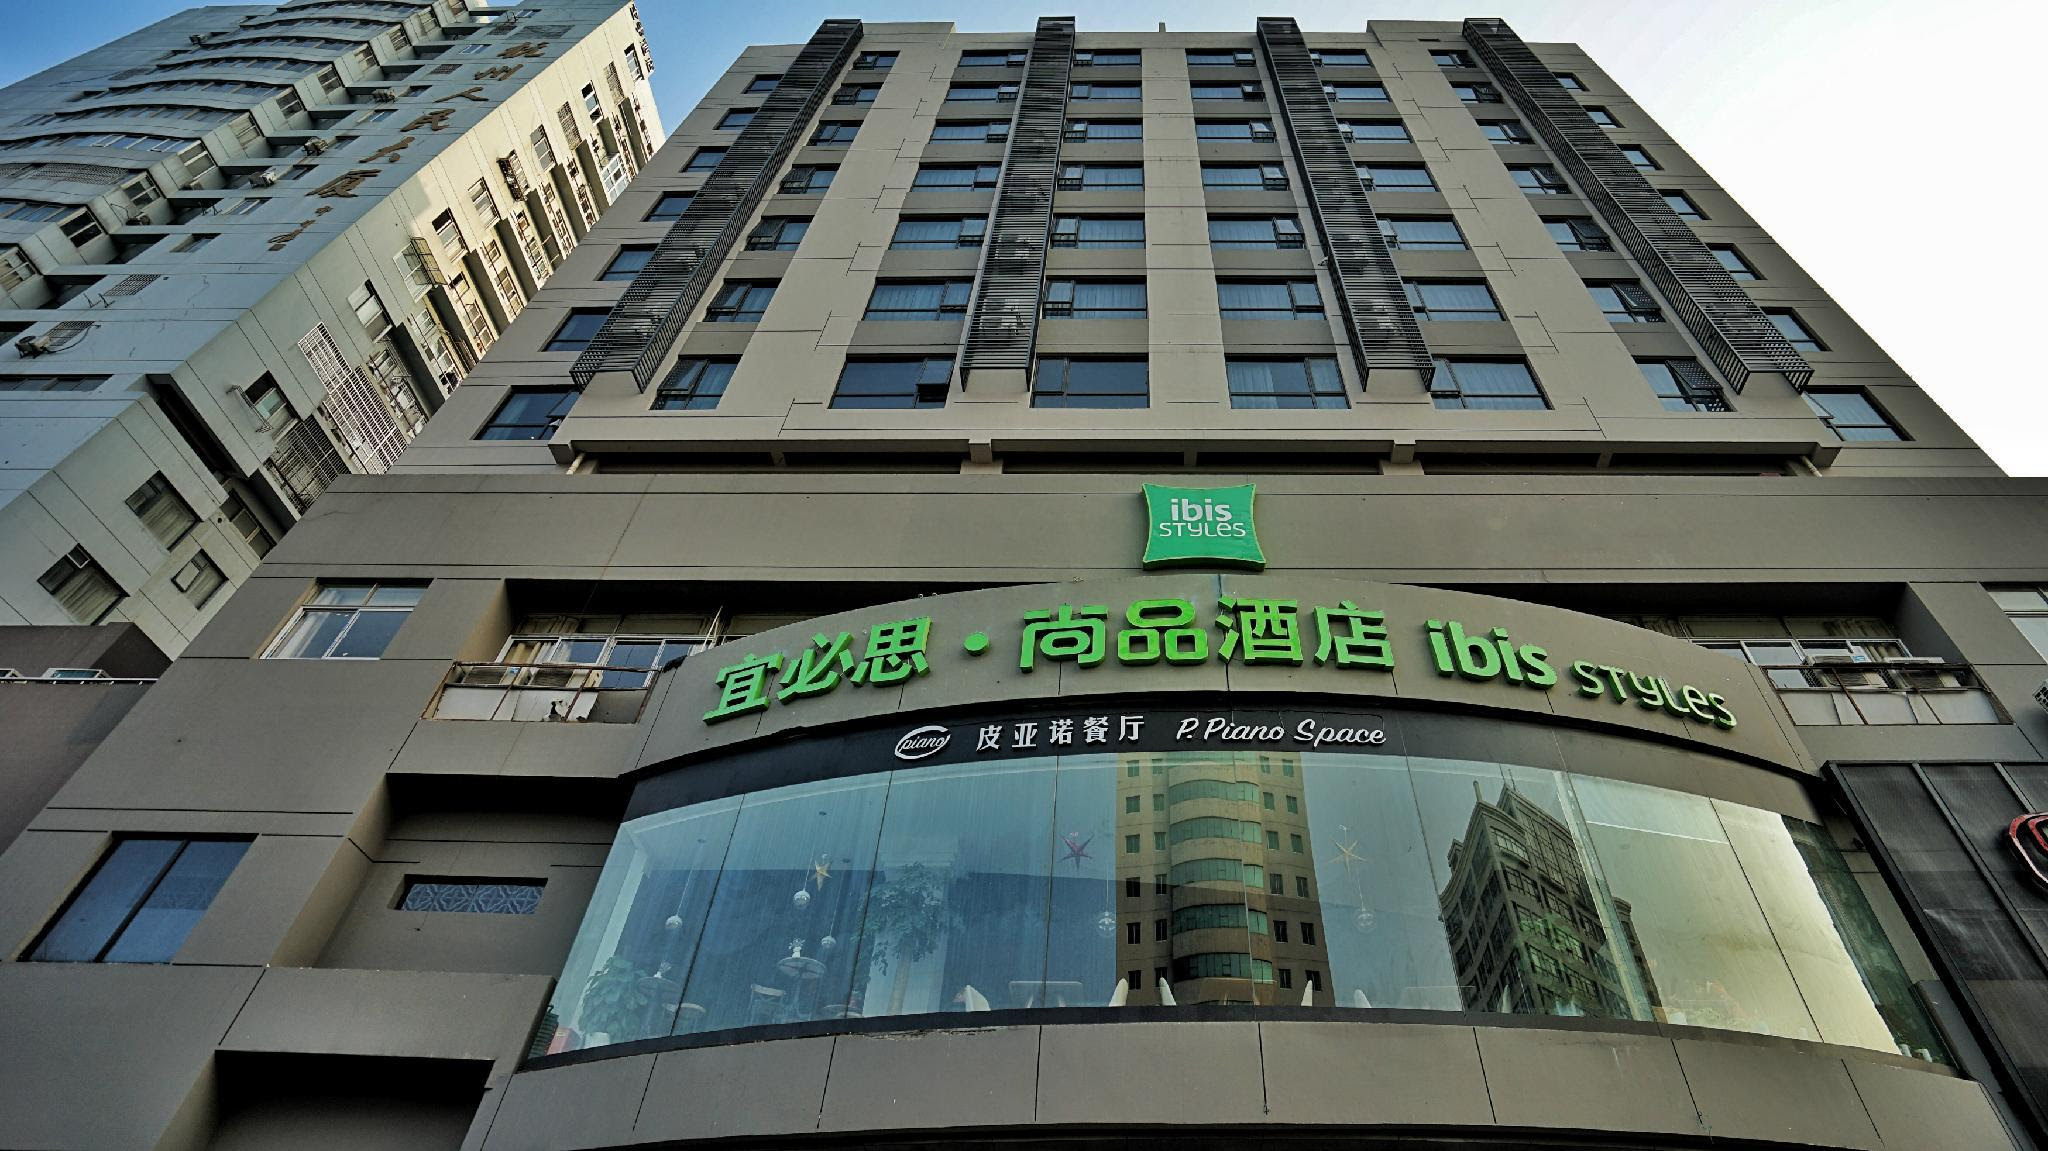 hotel near Hangzhou ibis Styles HZ Chaowang Rd